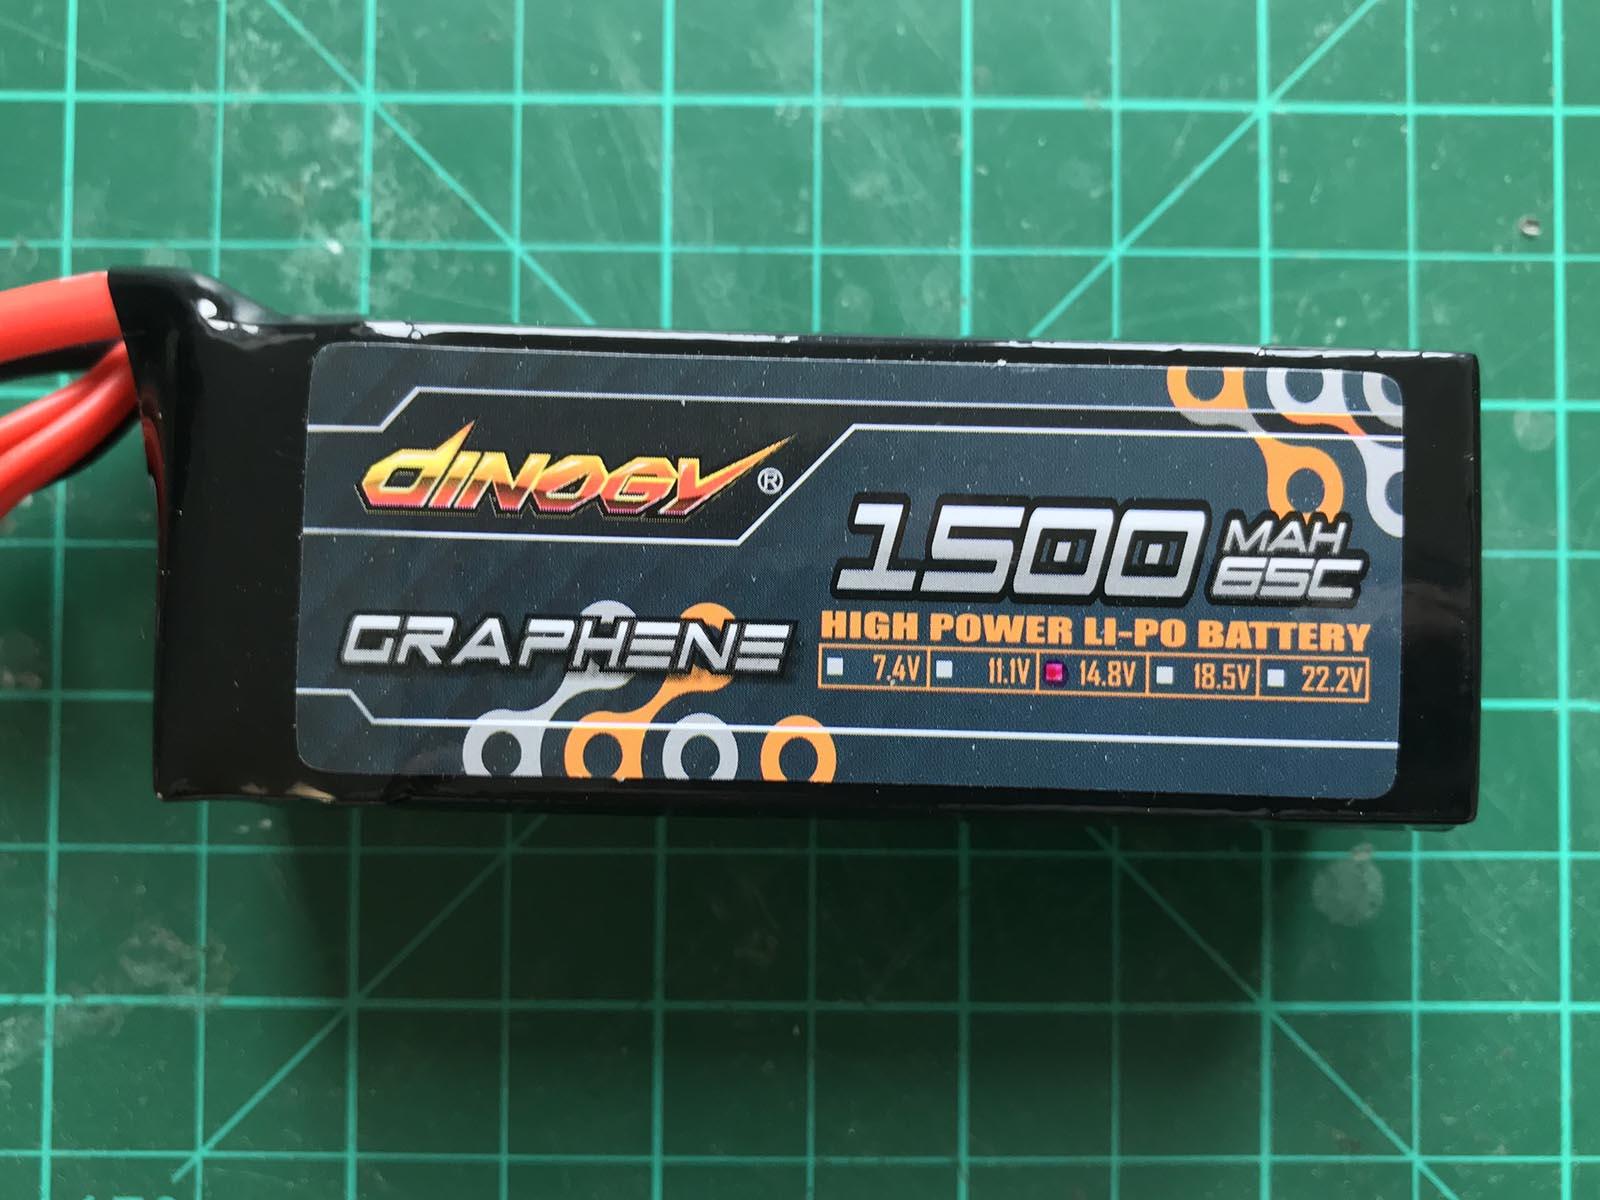 Dinogy Graphene 4S 1500 mAh 65 C - Front View